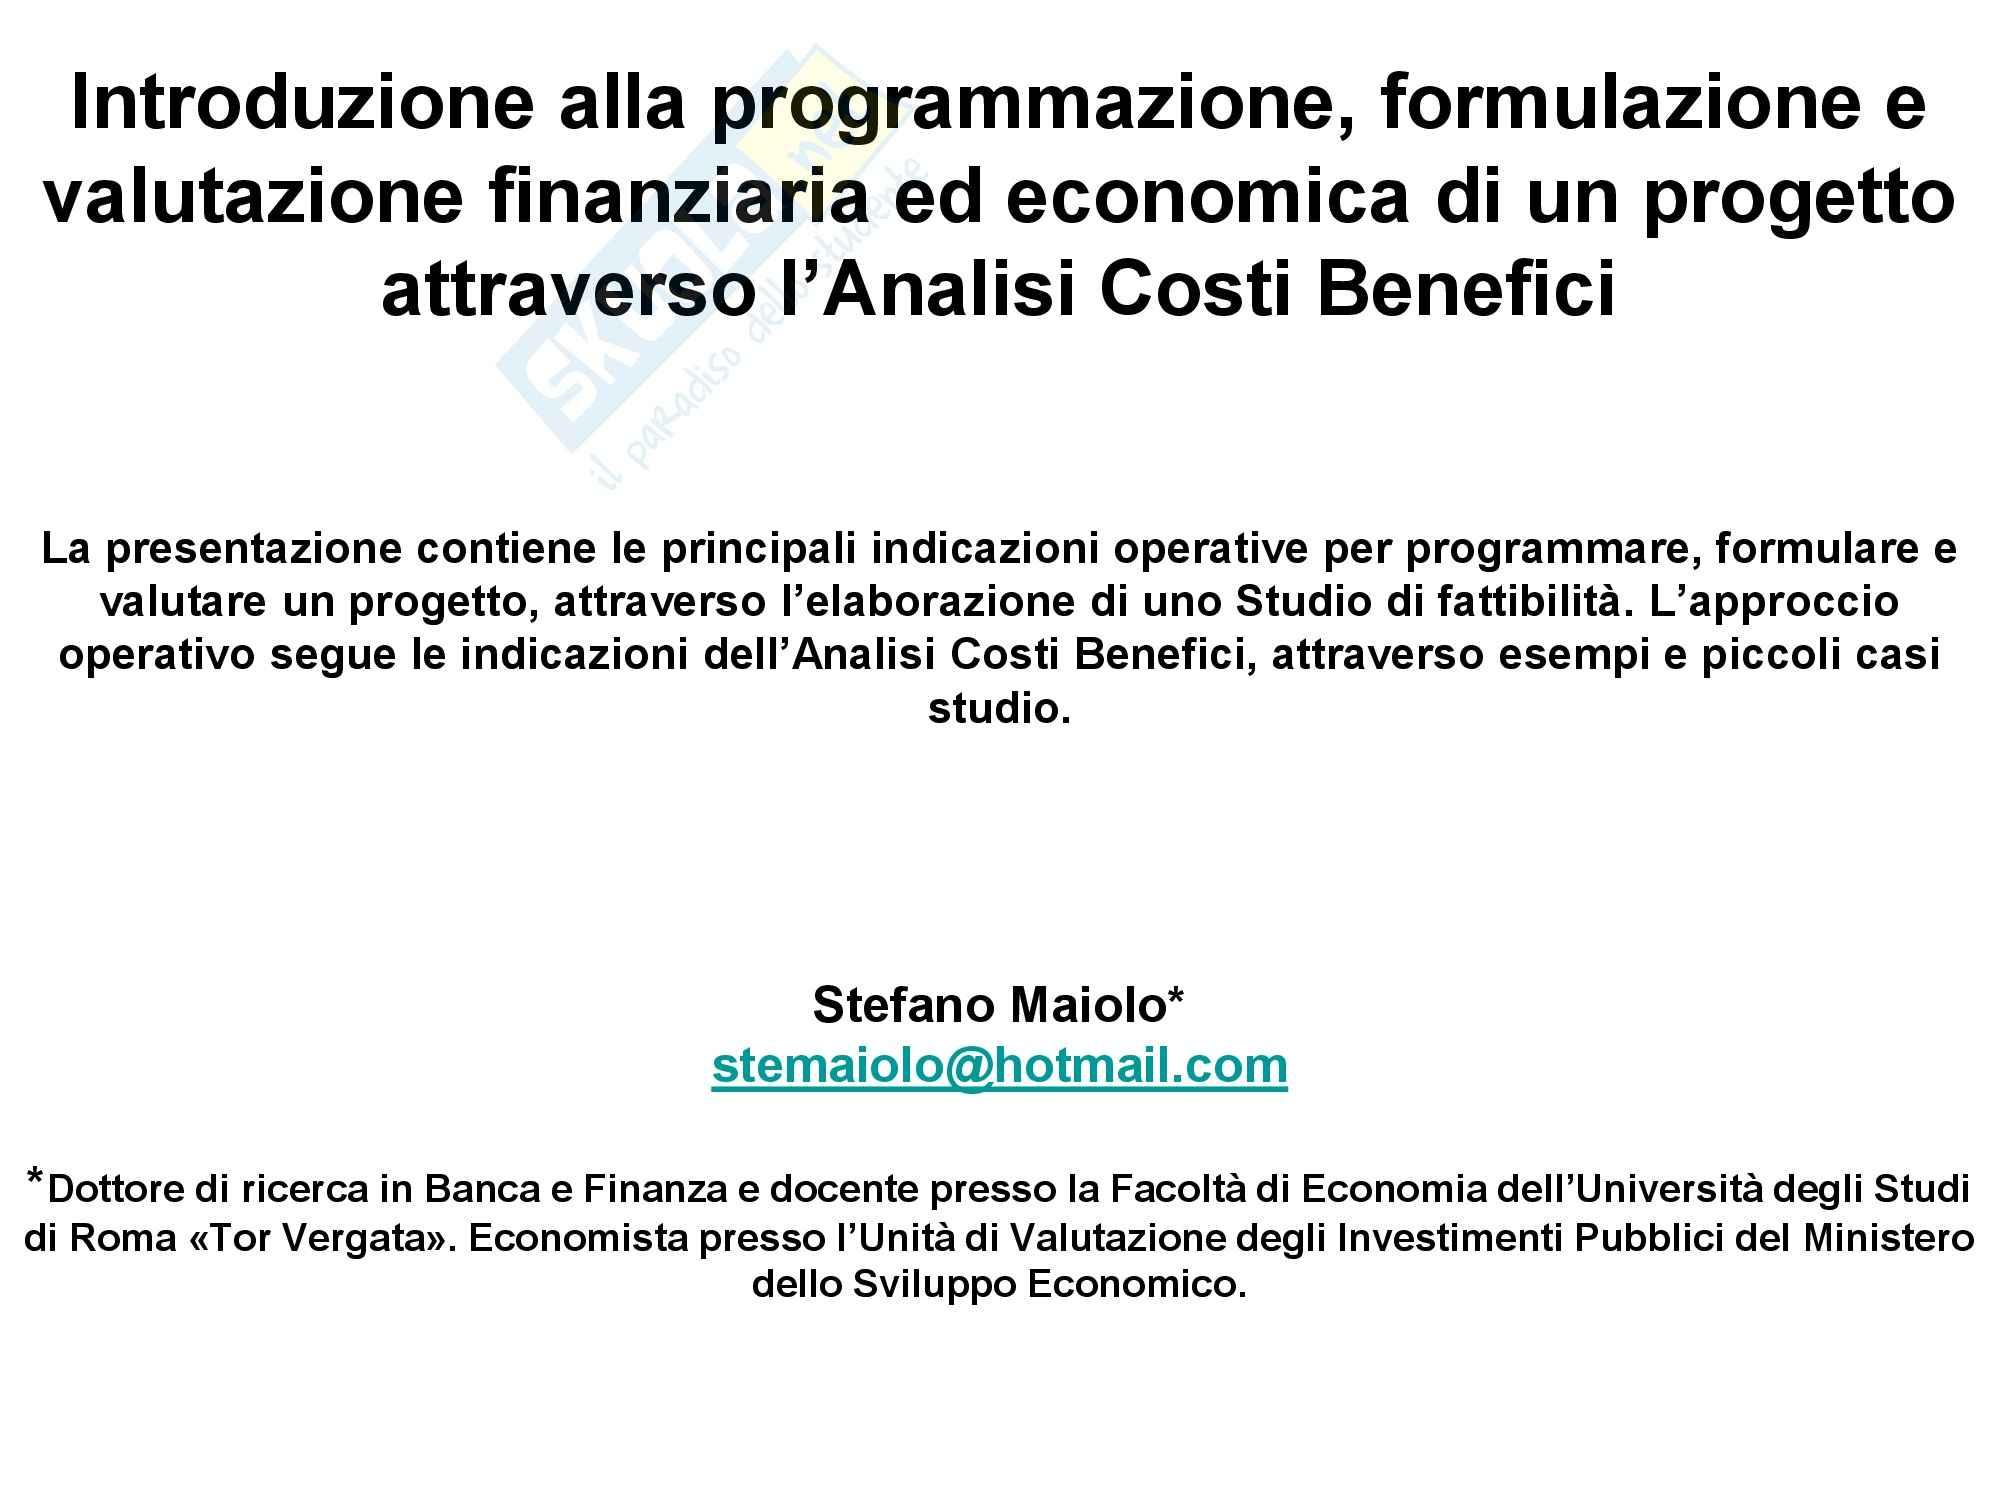 Valutazione finanziaria e analisi costi benefici di un progetto